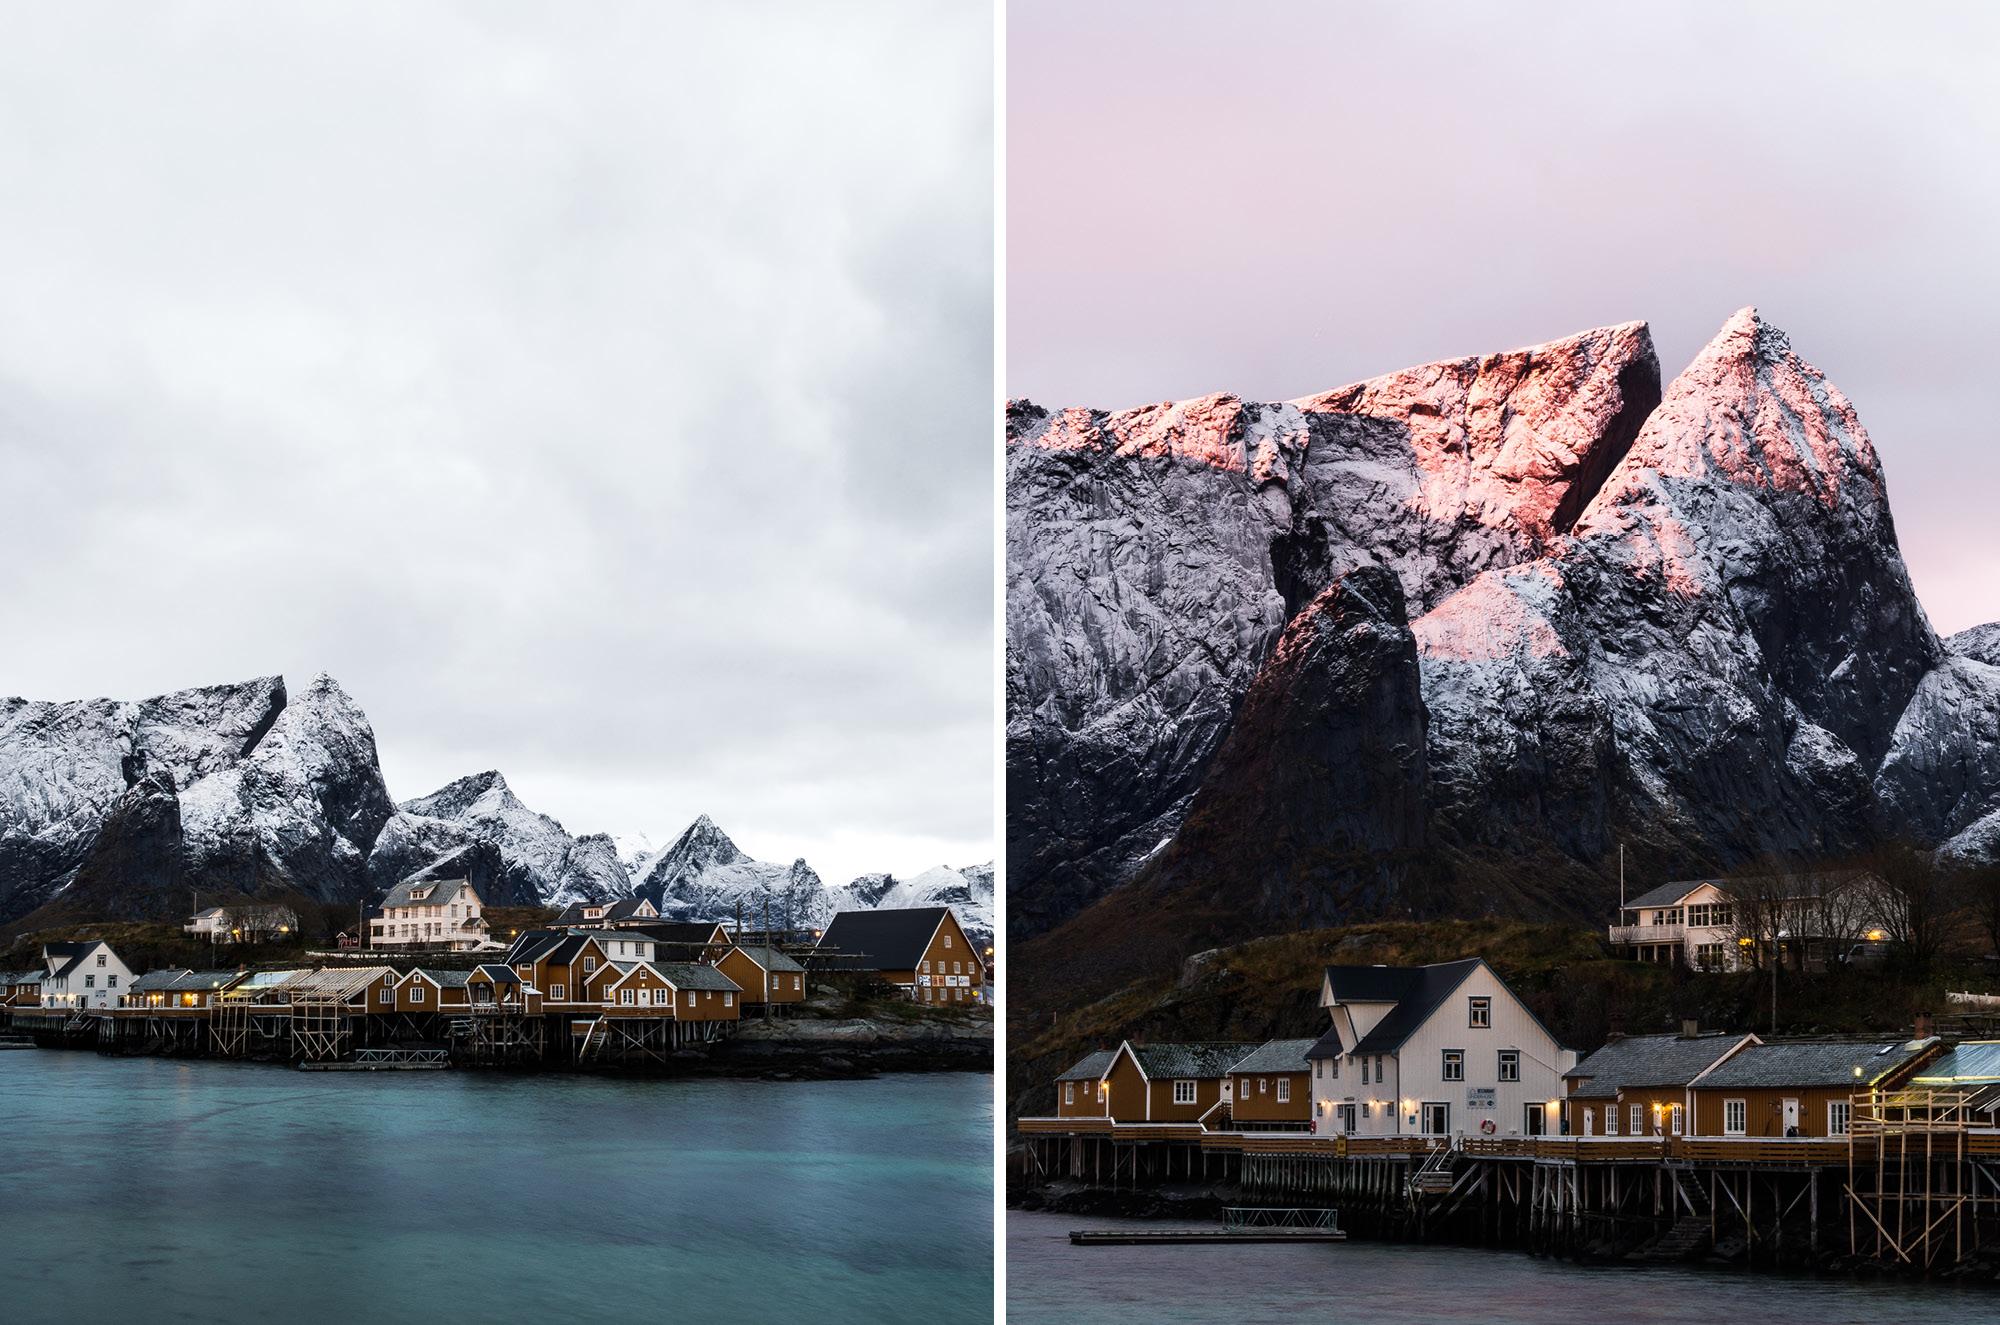 Maegan_Brown_Norway_3.jpg